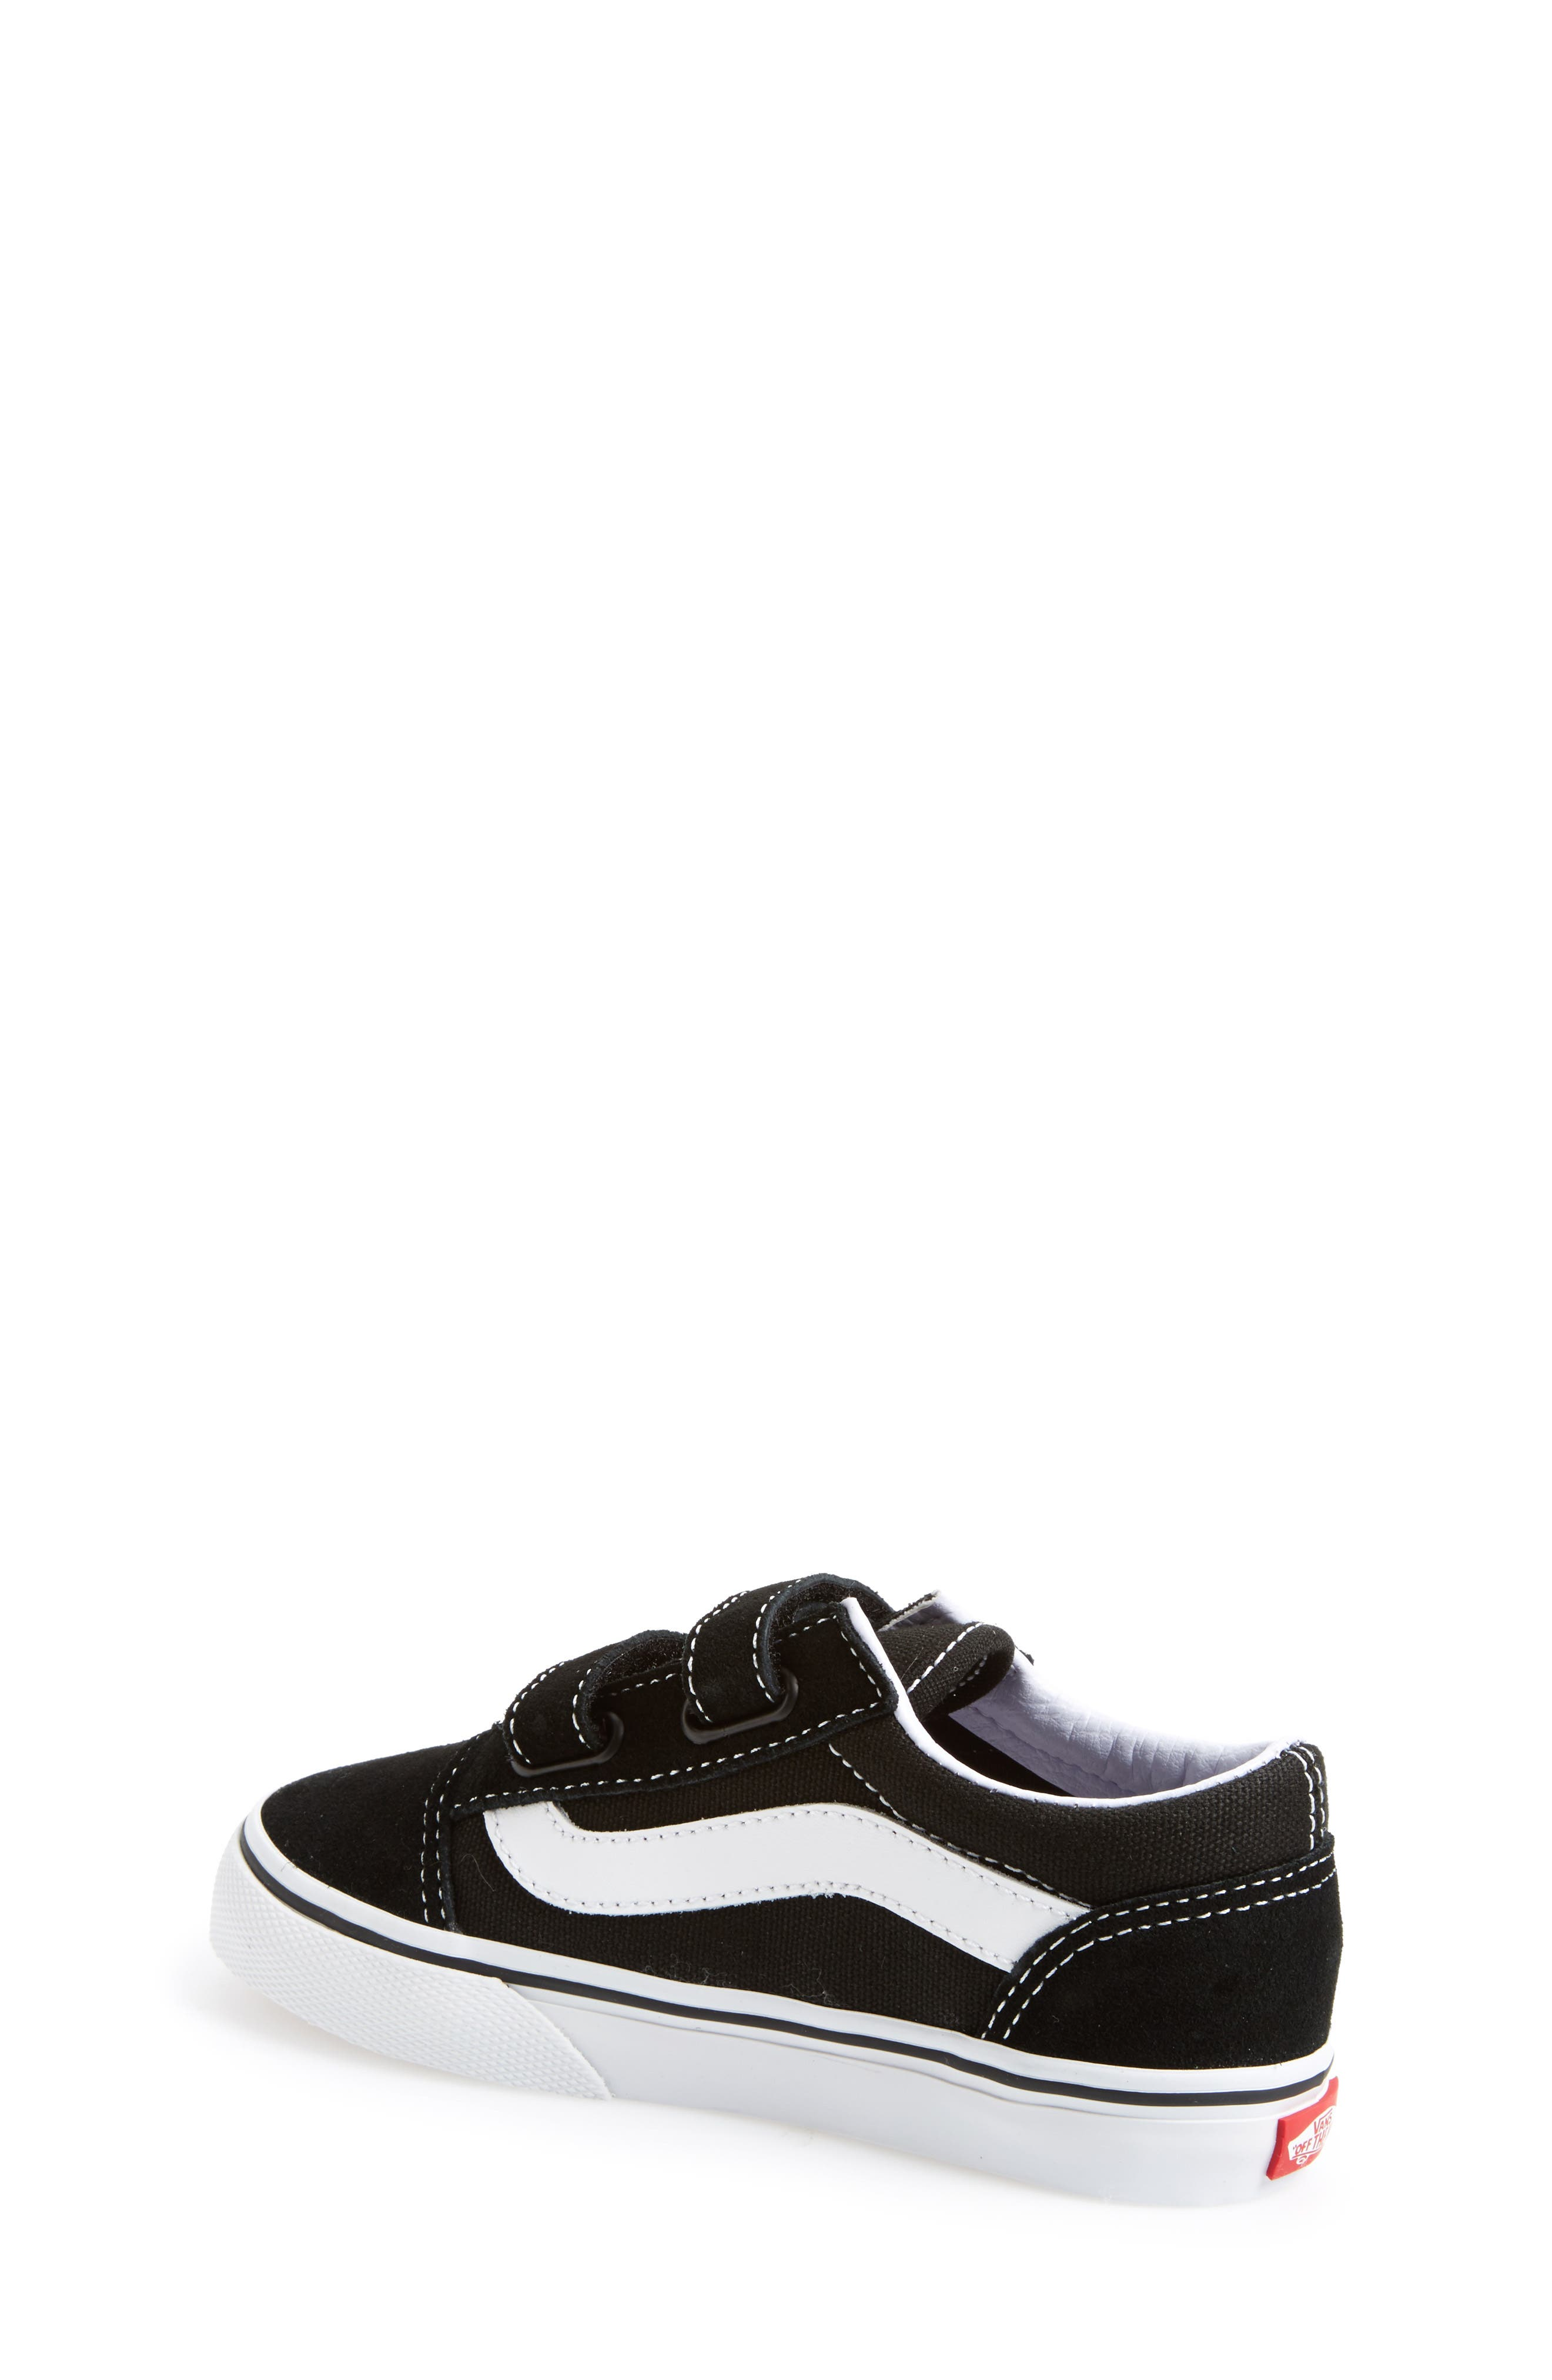 VANS, 'Old Skool V' Sneaker, Alternate thumbnail 2, color, BLACK/ TRUE WHITE